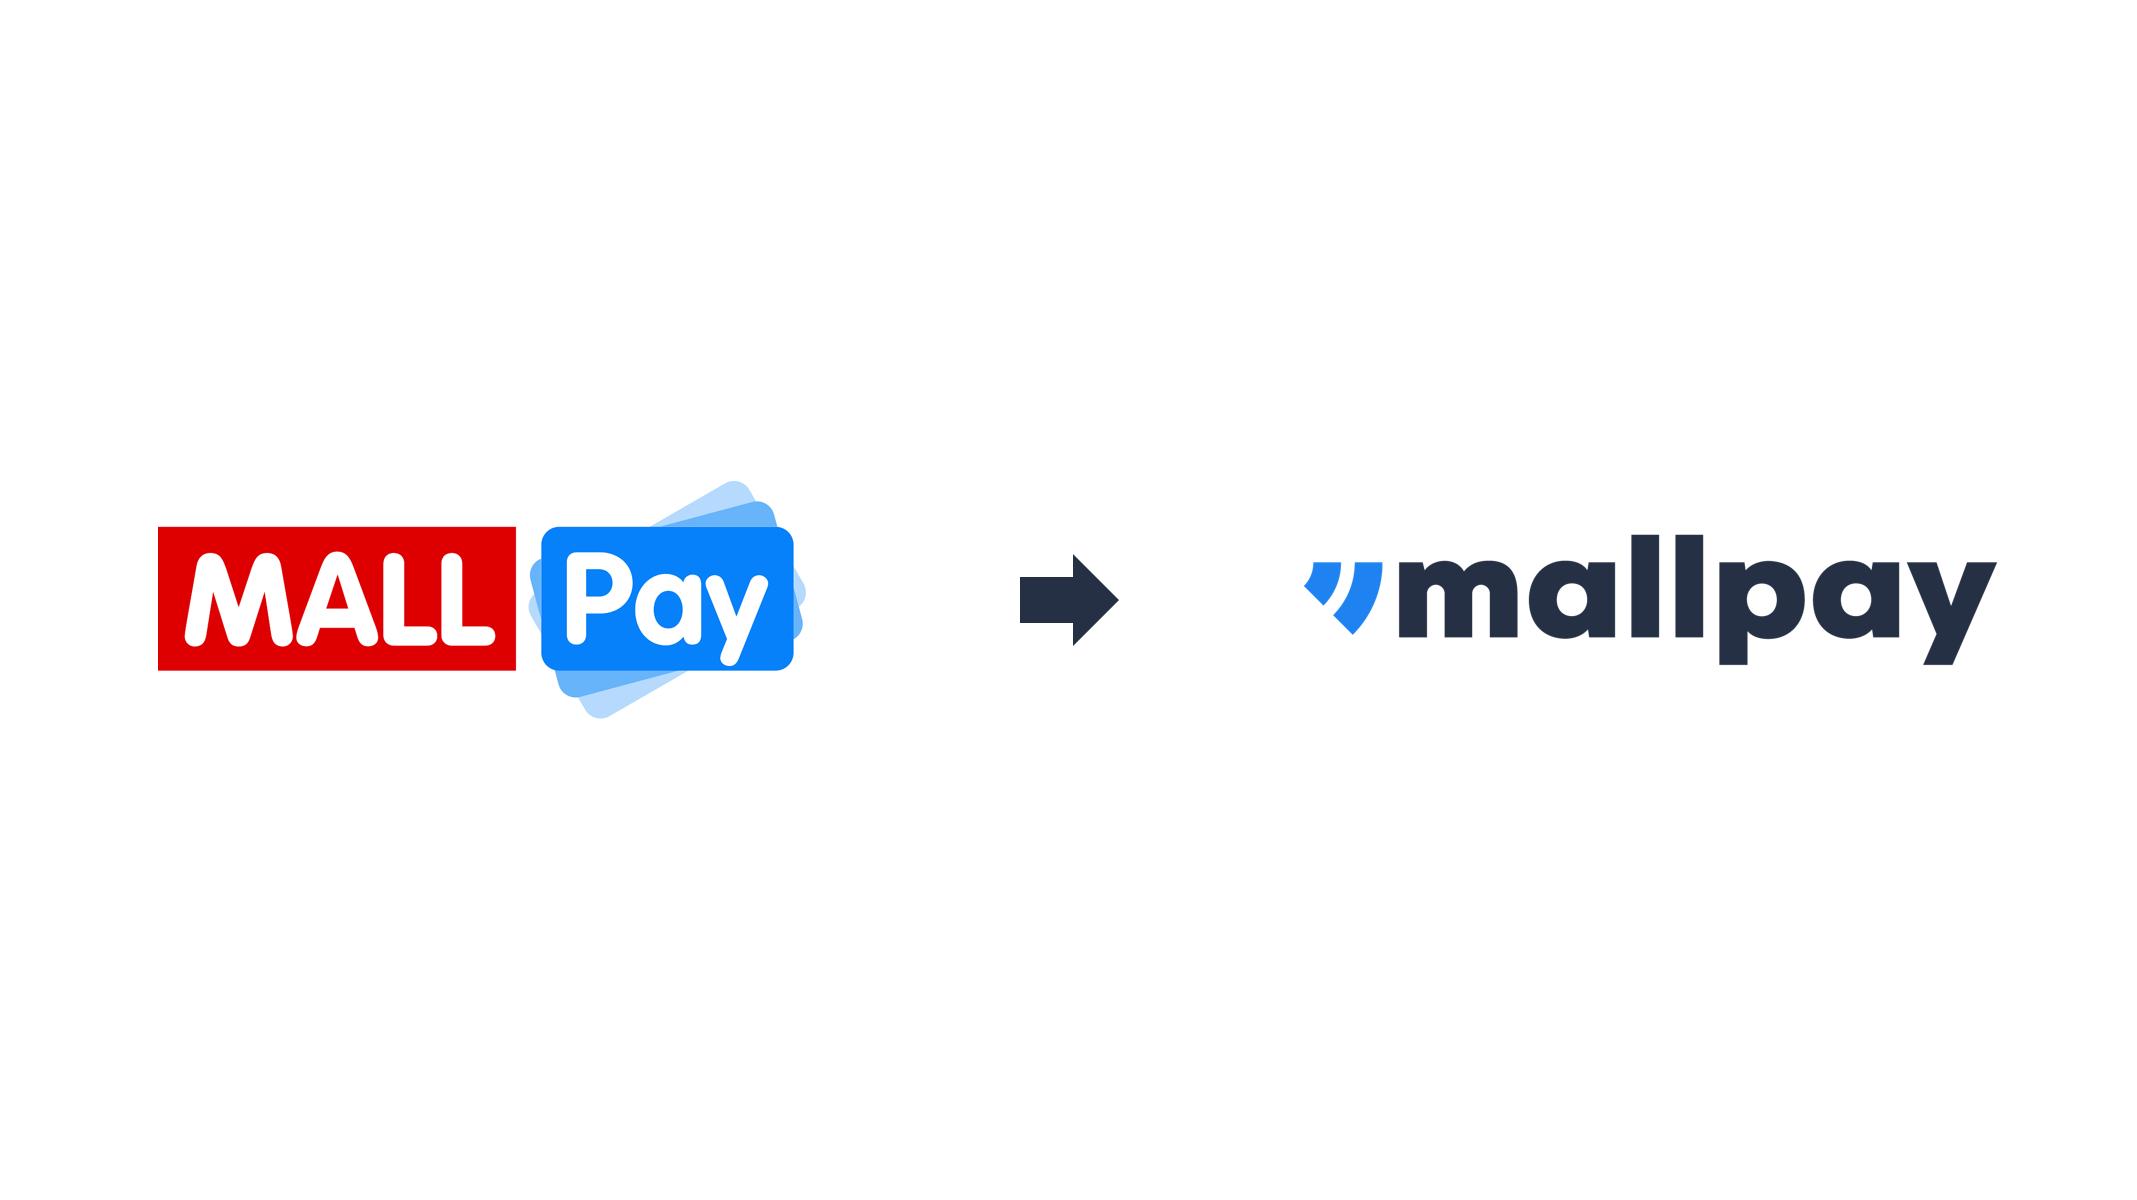 Staré versus nové logo Mall Pay, zdroj: Mall Pay